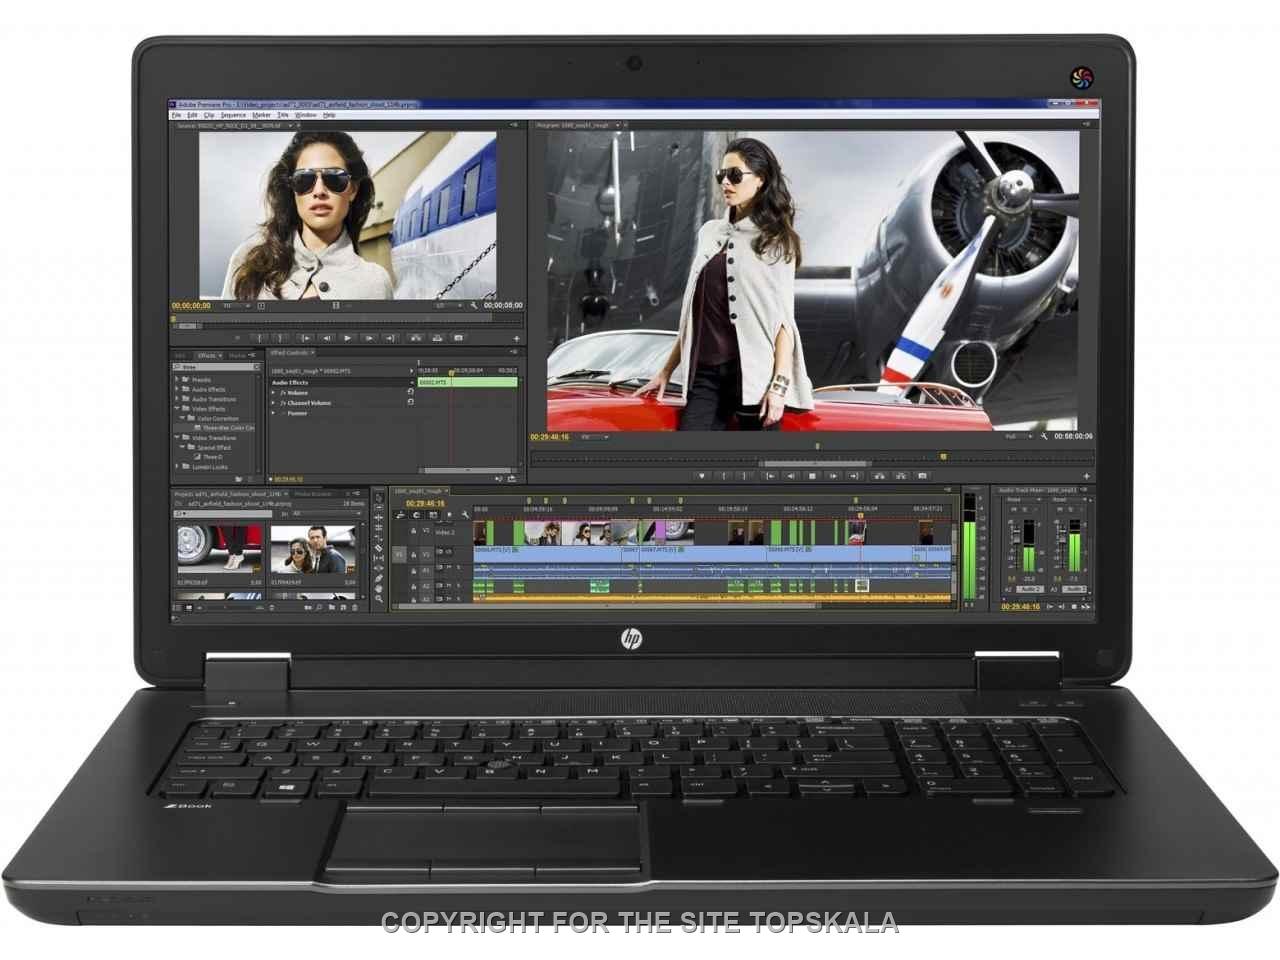 اچ پی / لپ تاپ استوک اچ پی مدل HP ZBOOK 17 G2 - i7 4710MQ